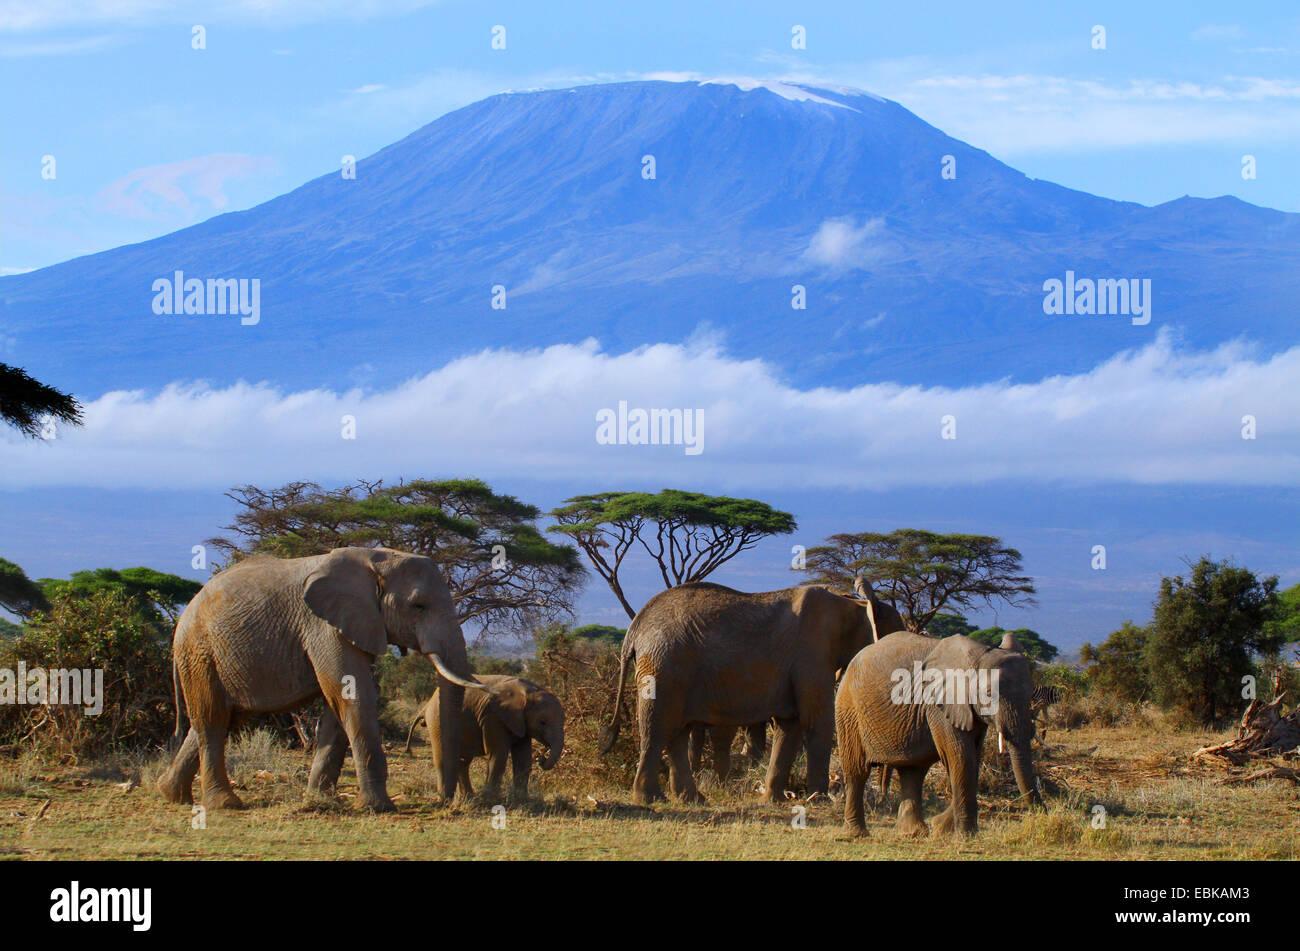 African elephant (Loxodonta africana), group in front of mount Kilimanjaro, Kenya, Amboseli National Park Stock Photo